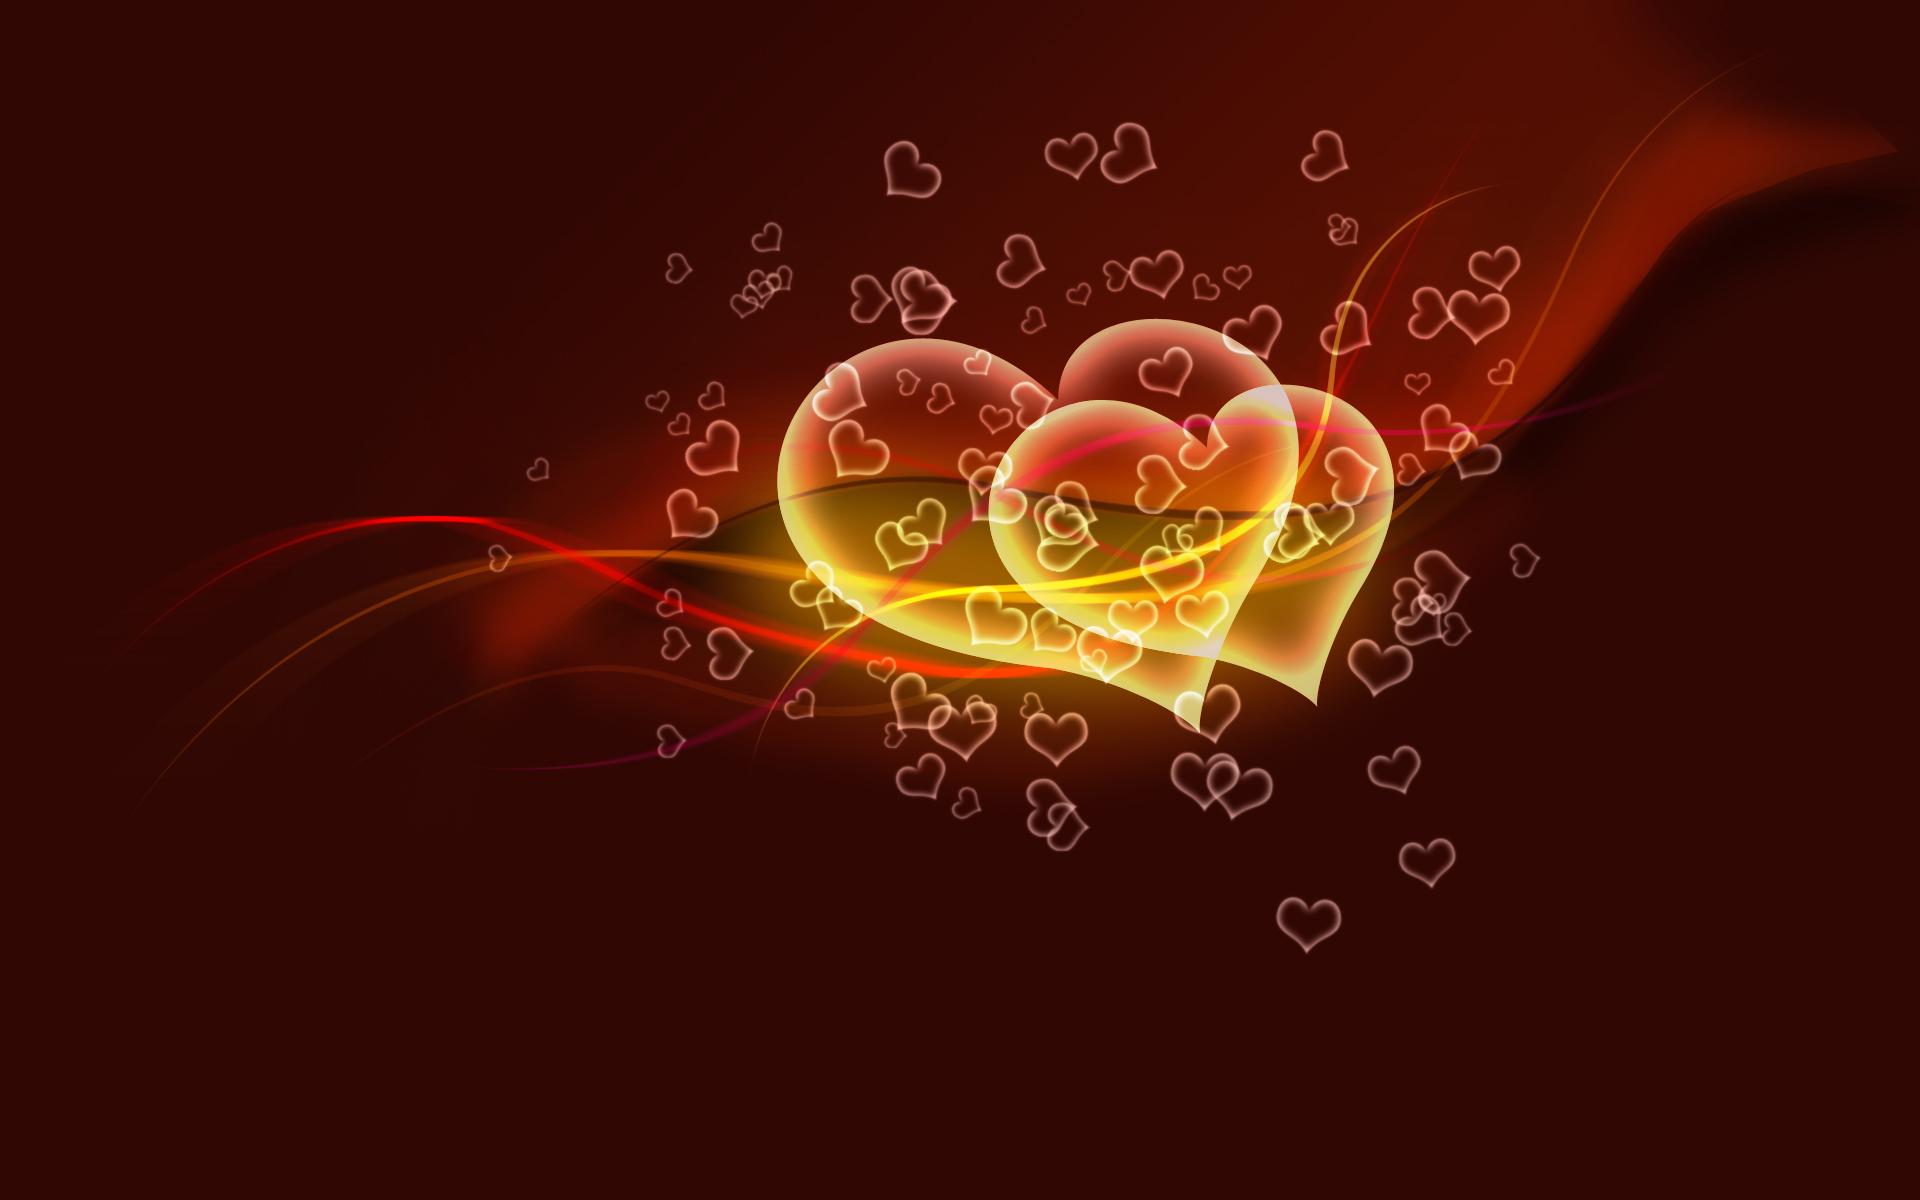 قلوب للفلانتين (3)